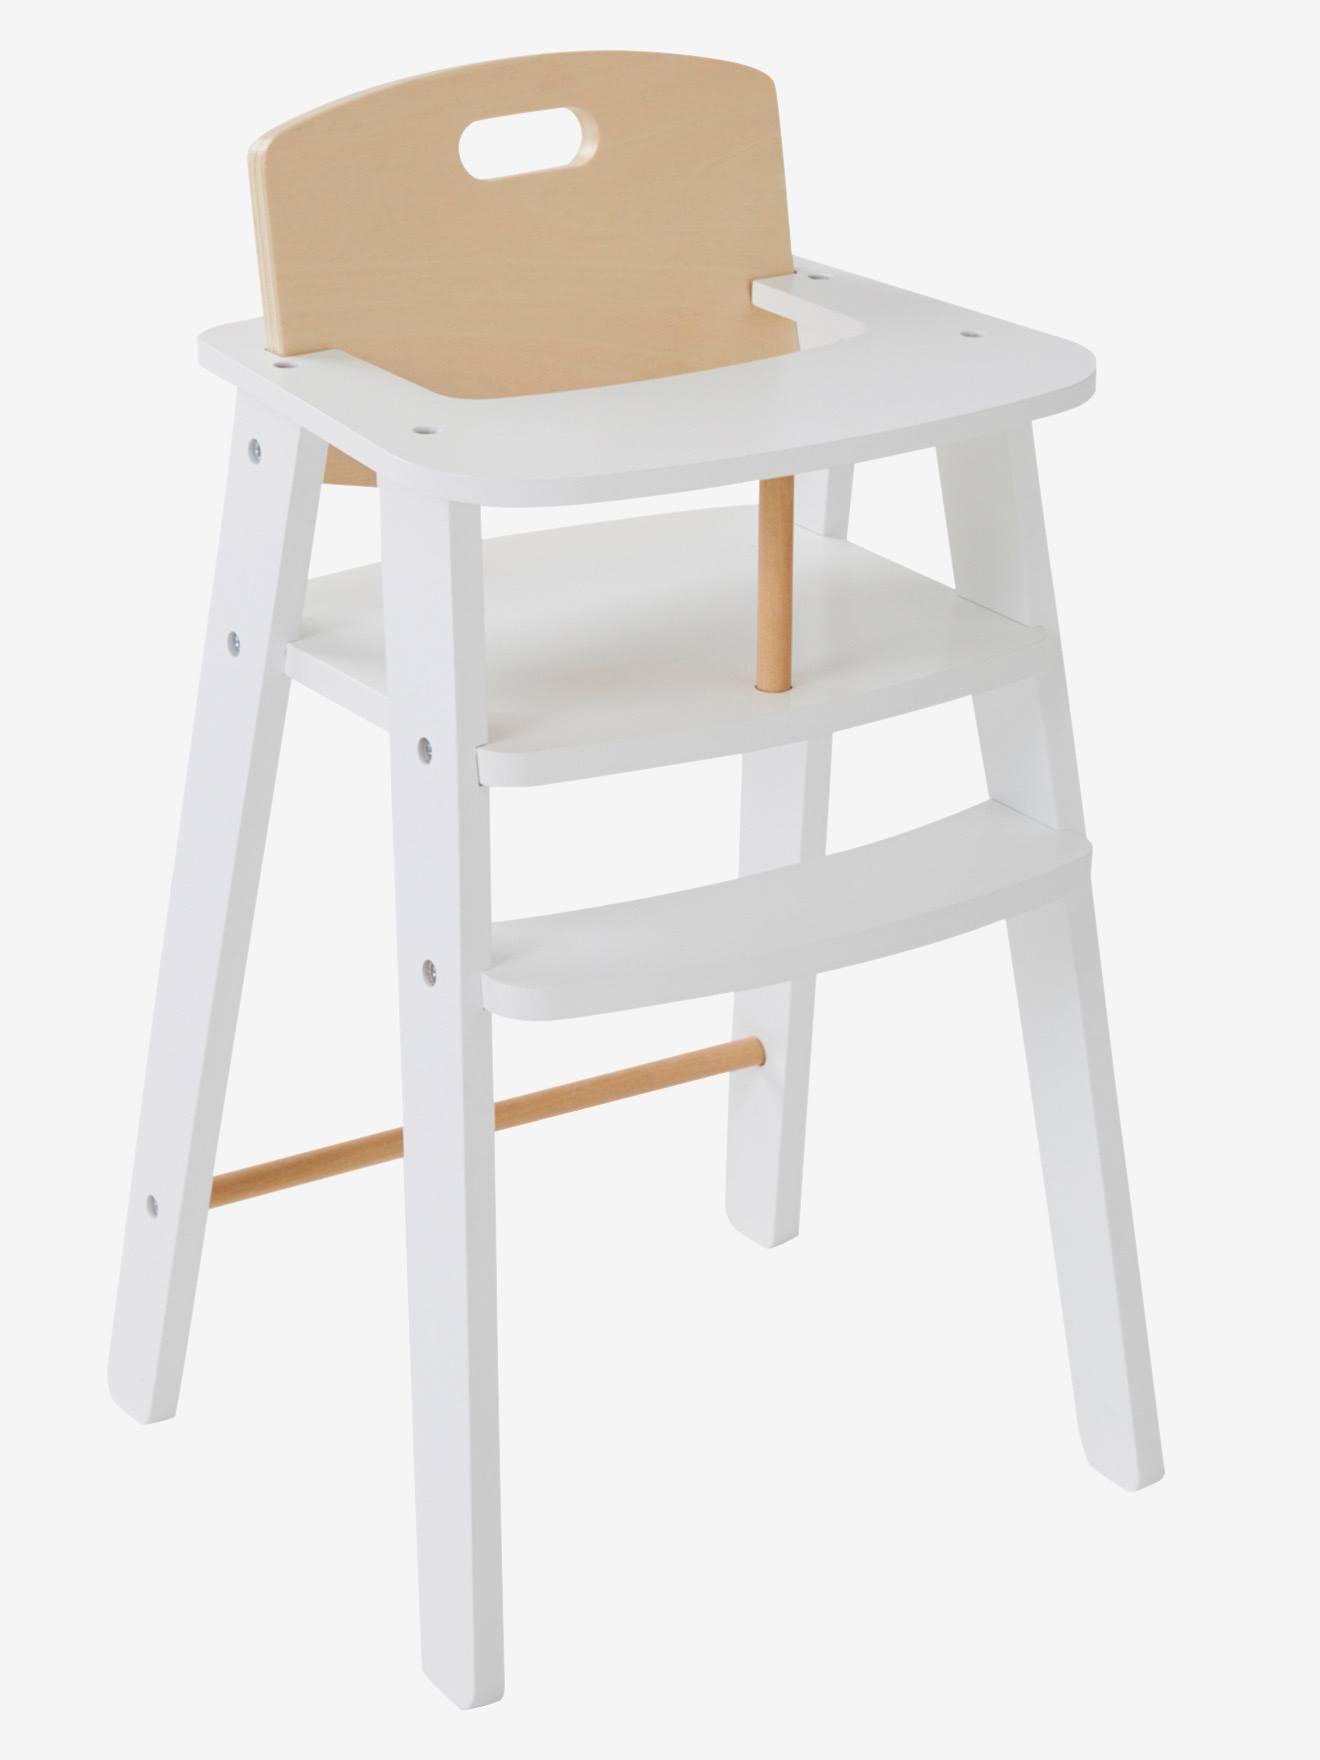 chaise haute bébé jouet 43 cmvtecht